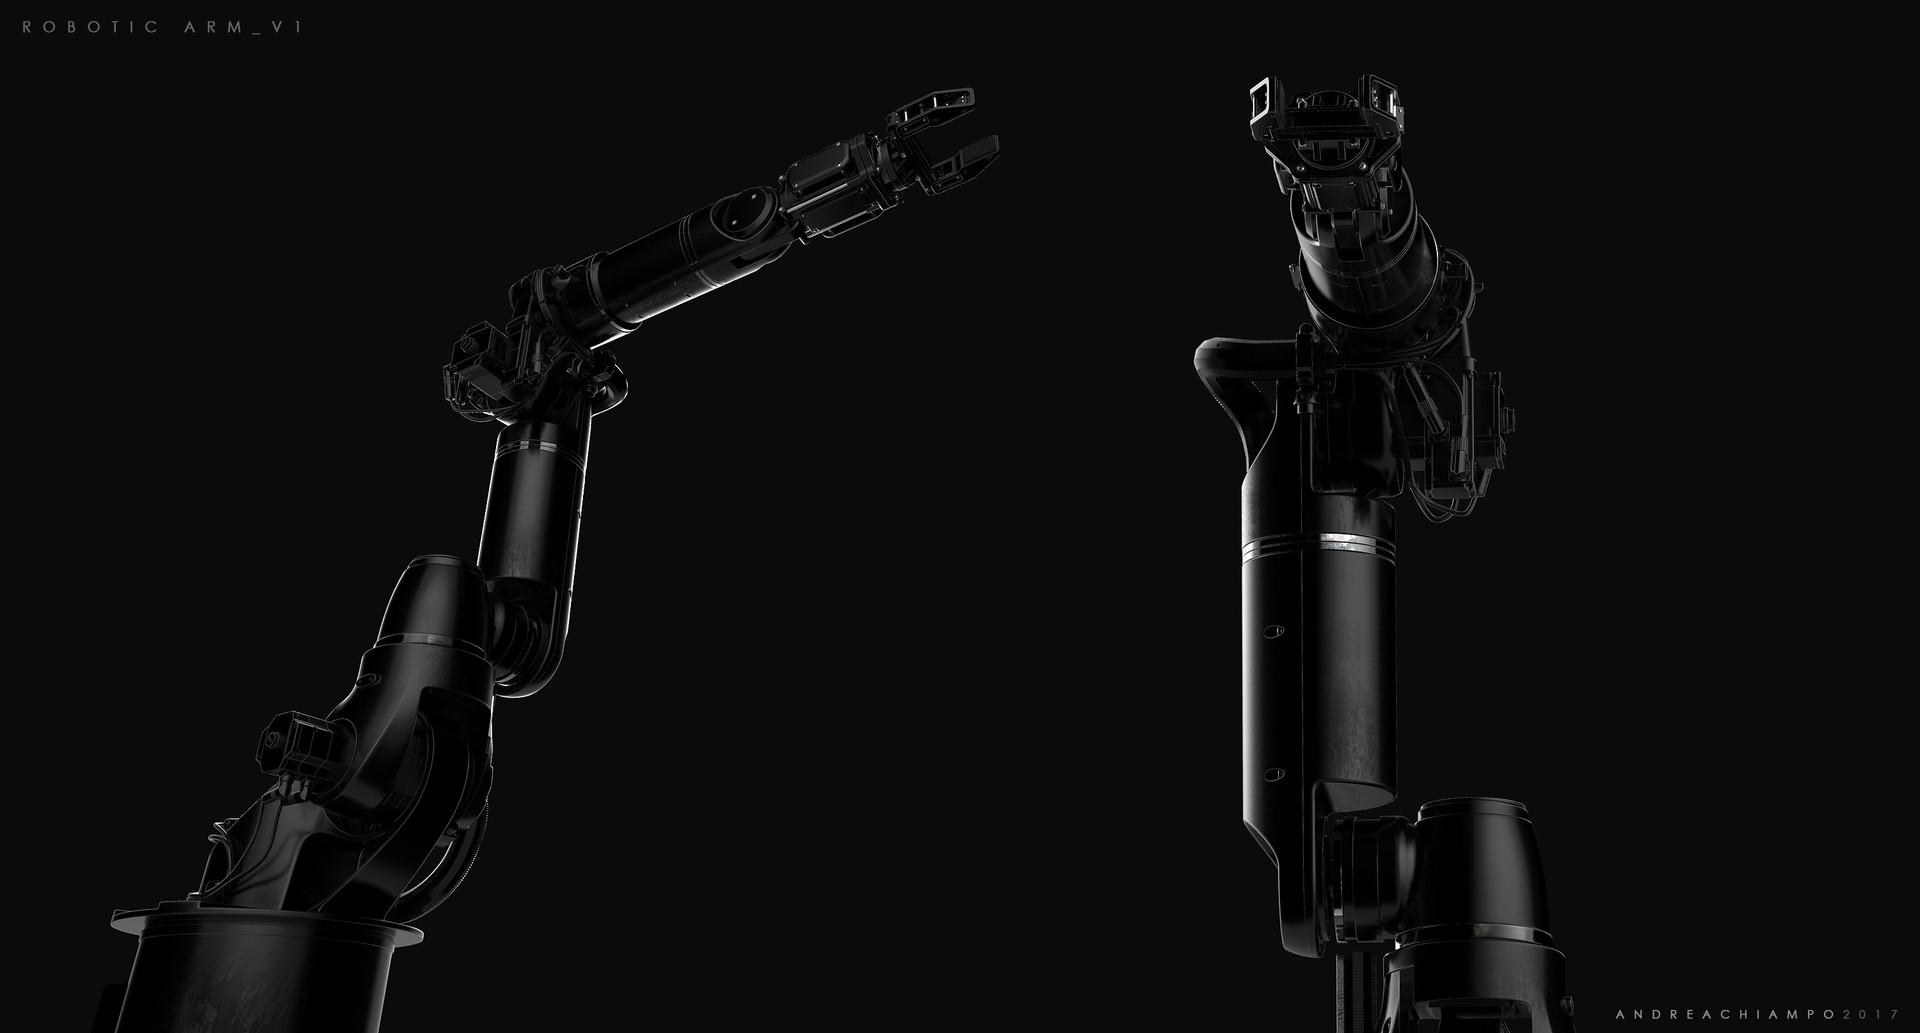 Andrea chiampo robotic arm v1 b